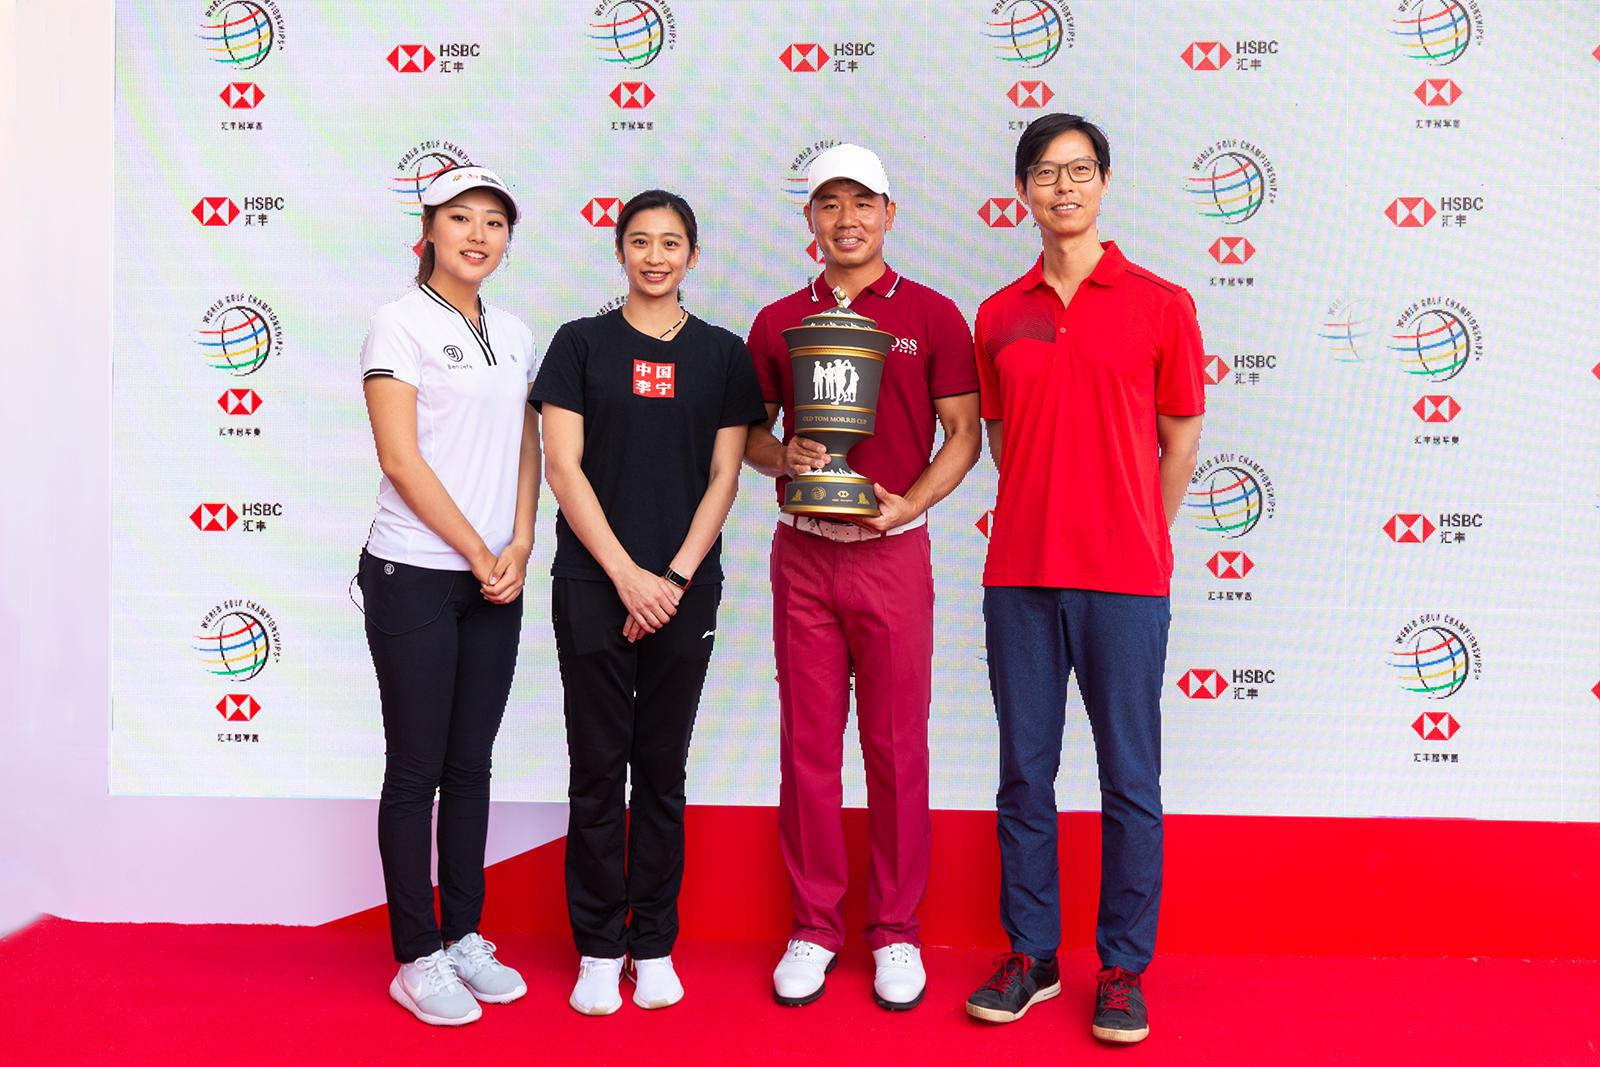 跨界高尔夫挑战赛_合影,从左至右依次是隋响、王琳、吴阿顺、汇丰CEO